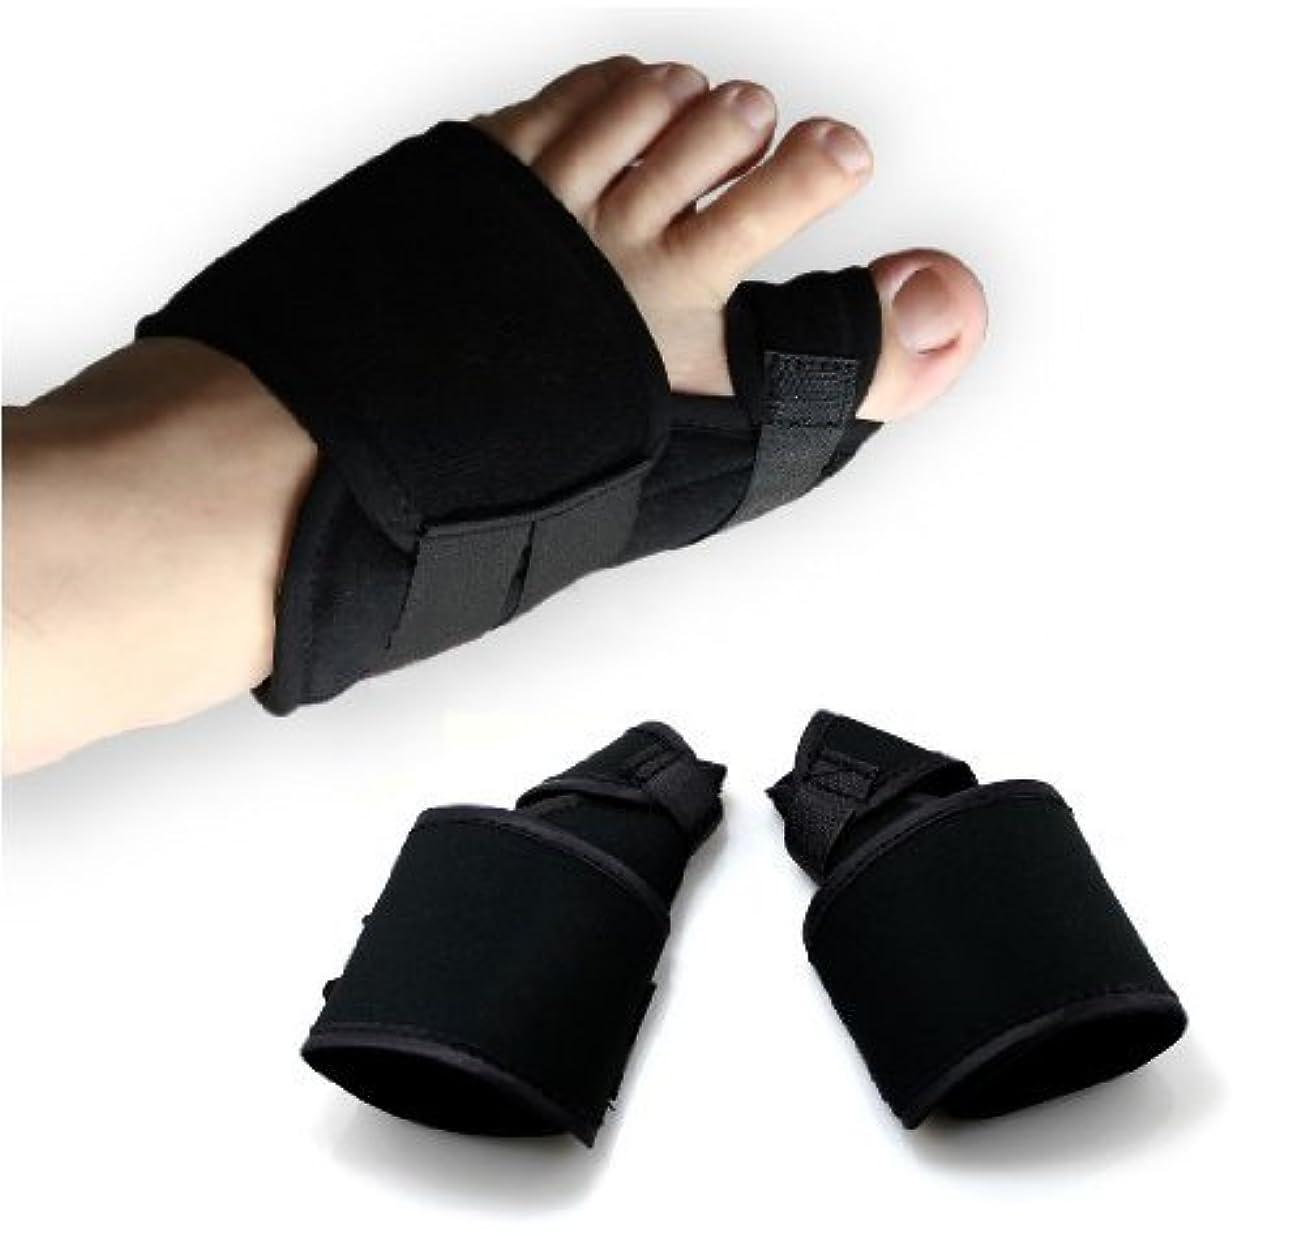 スカルク男らしい振りかけるUTOKY 外反母趾サポーター 両足セット 辛い痛みを抑える外反母趾サポーター